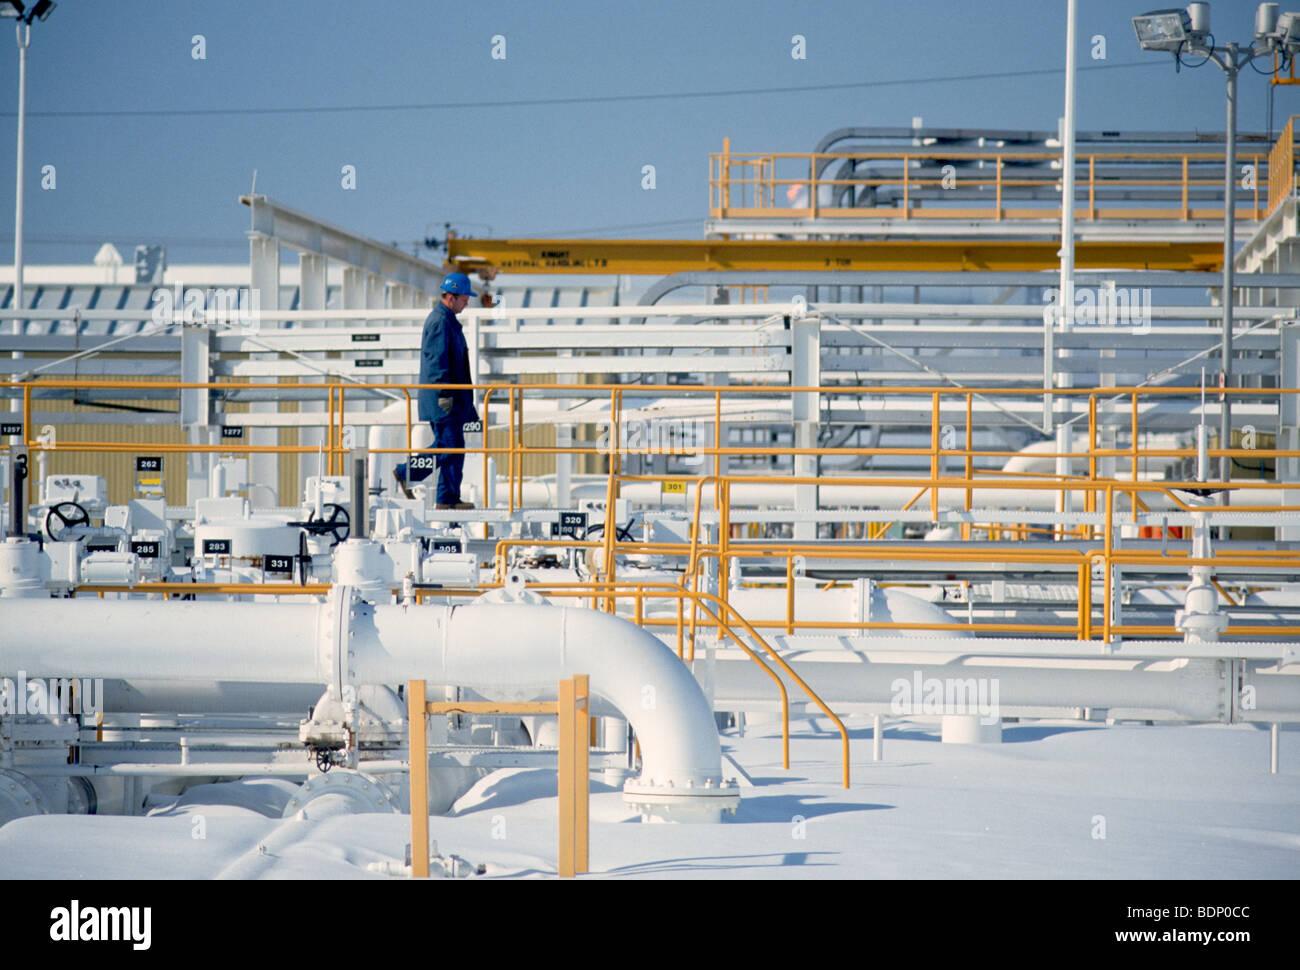 Oil storage facility, Manitoba, Canada - Stock Image